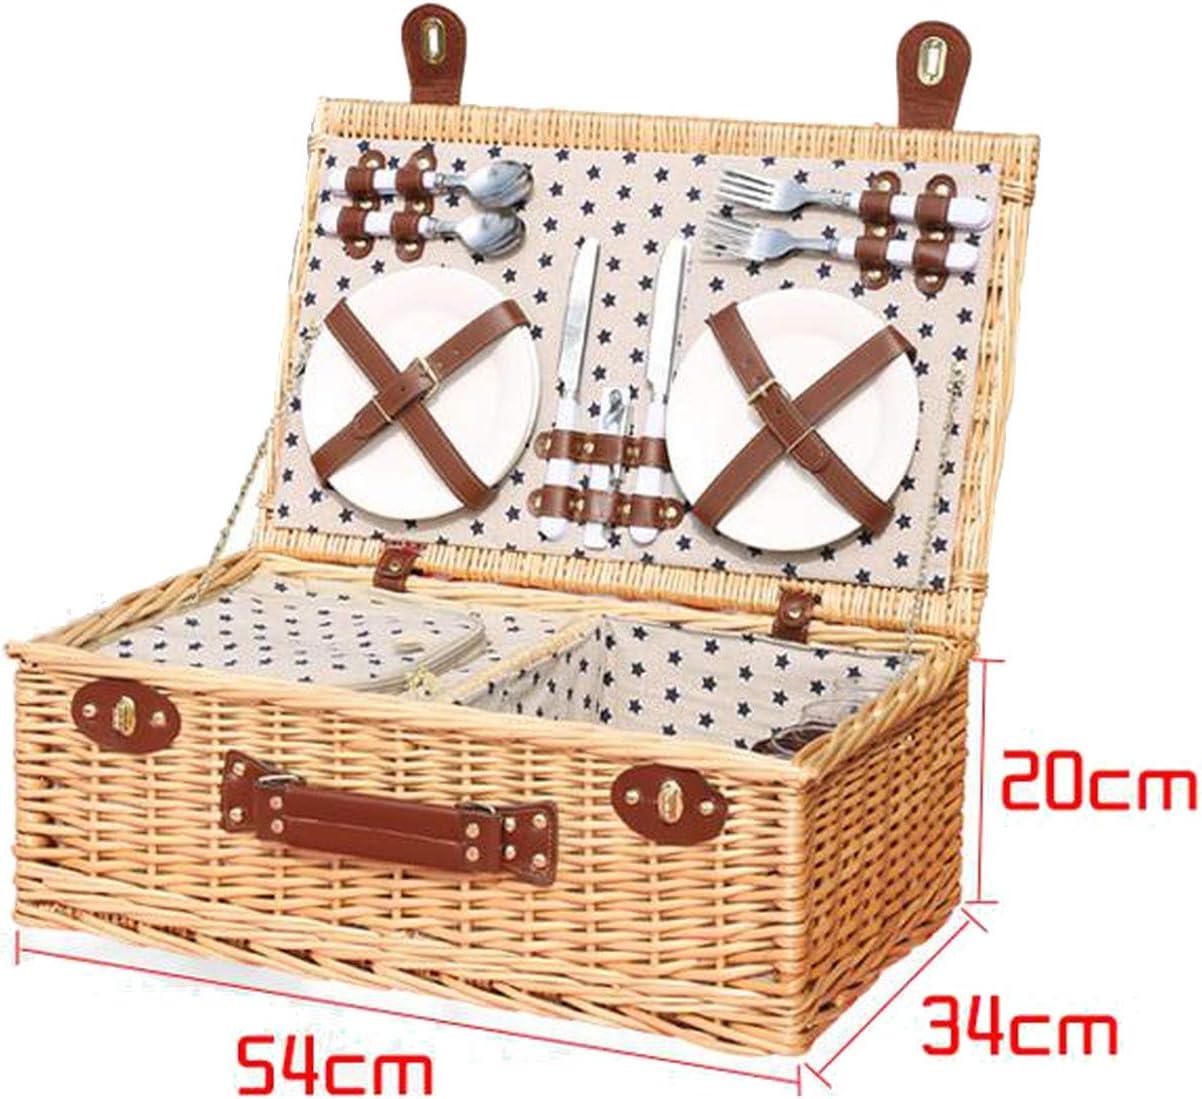 枝編み細工品ピクニックバスケット断熱パッケージ杖カバーピクニックキャンプ用品4 Dis、Fy1で屋外のピクニックバスケット手